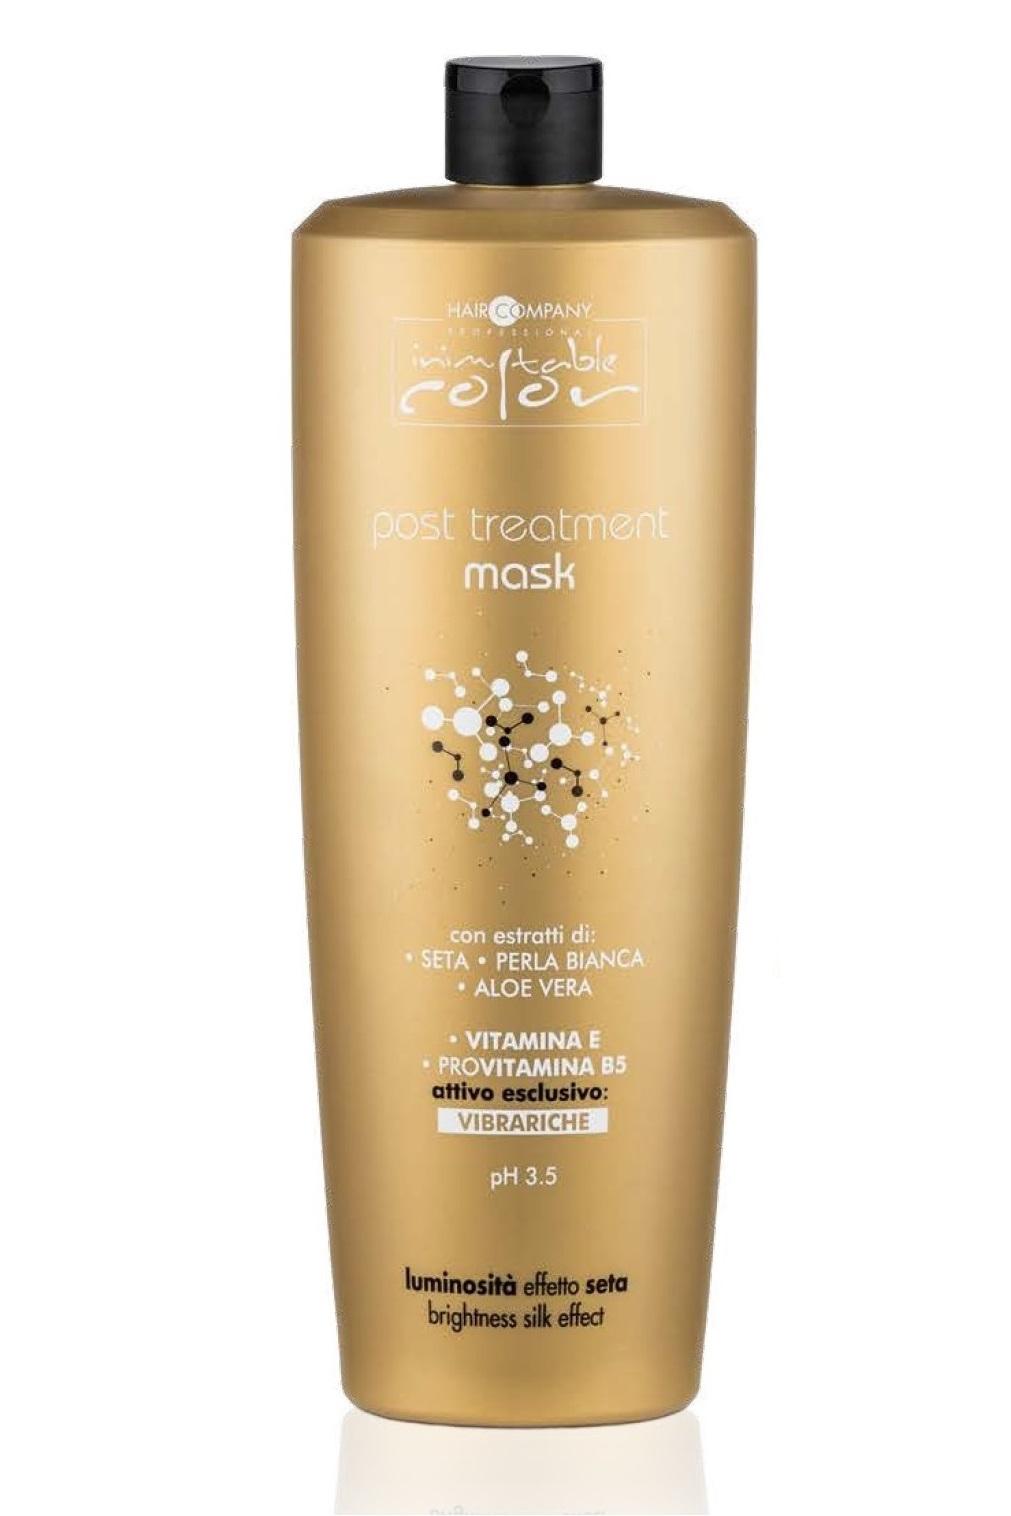 Купить HAIR COMPANY Маска для восстановления структуры волос после химического воздействия / INIMITABLE COLOR Post Treatment Mask 1000 мл